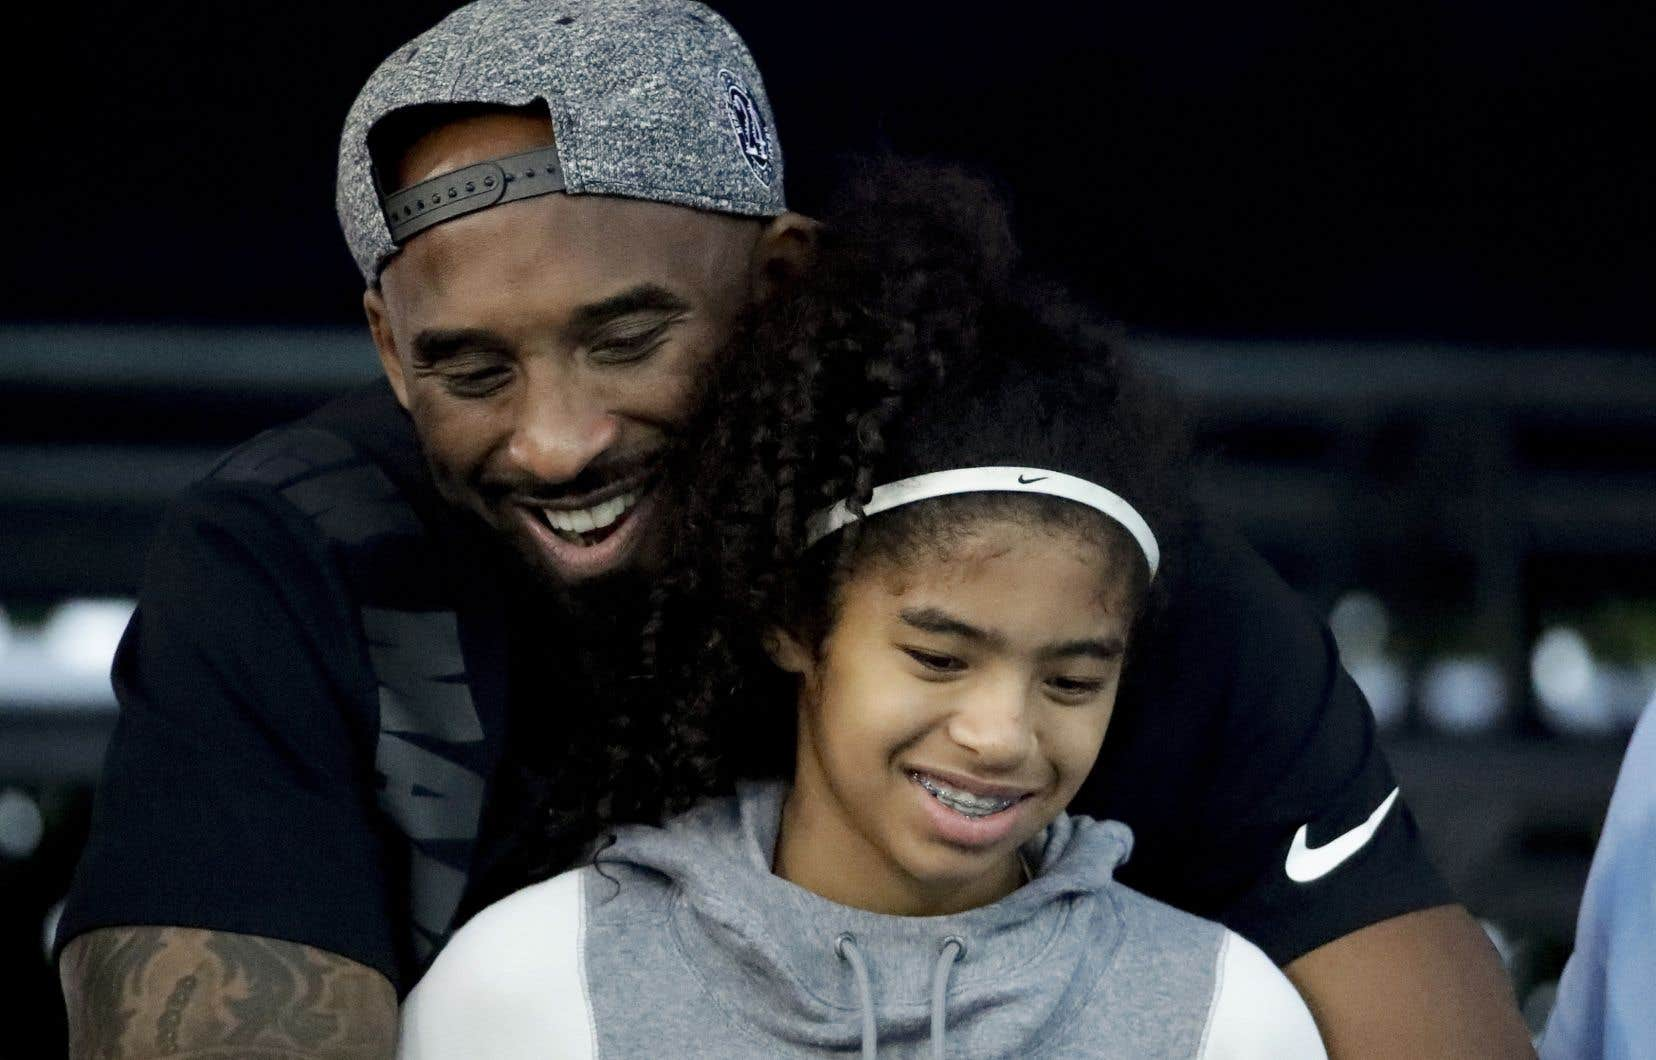 L'ex-joueur vedette des Lakers de Los Angeles Kobe Bryant et sa fille Gianna